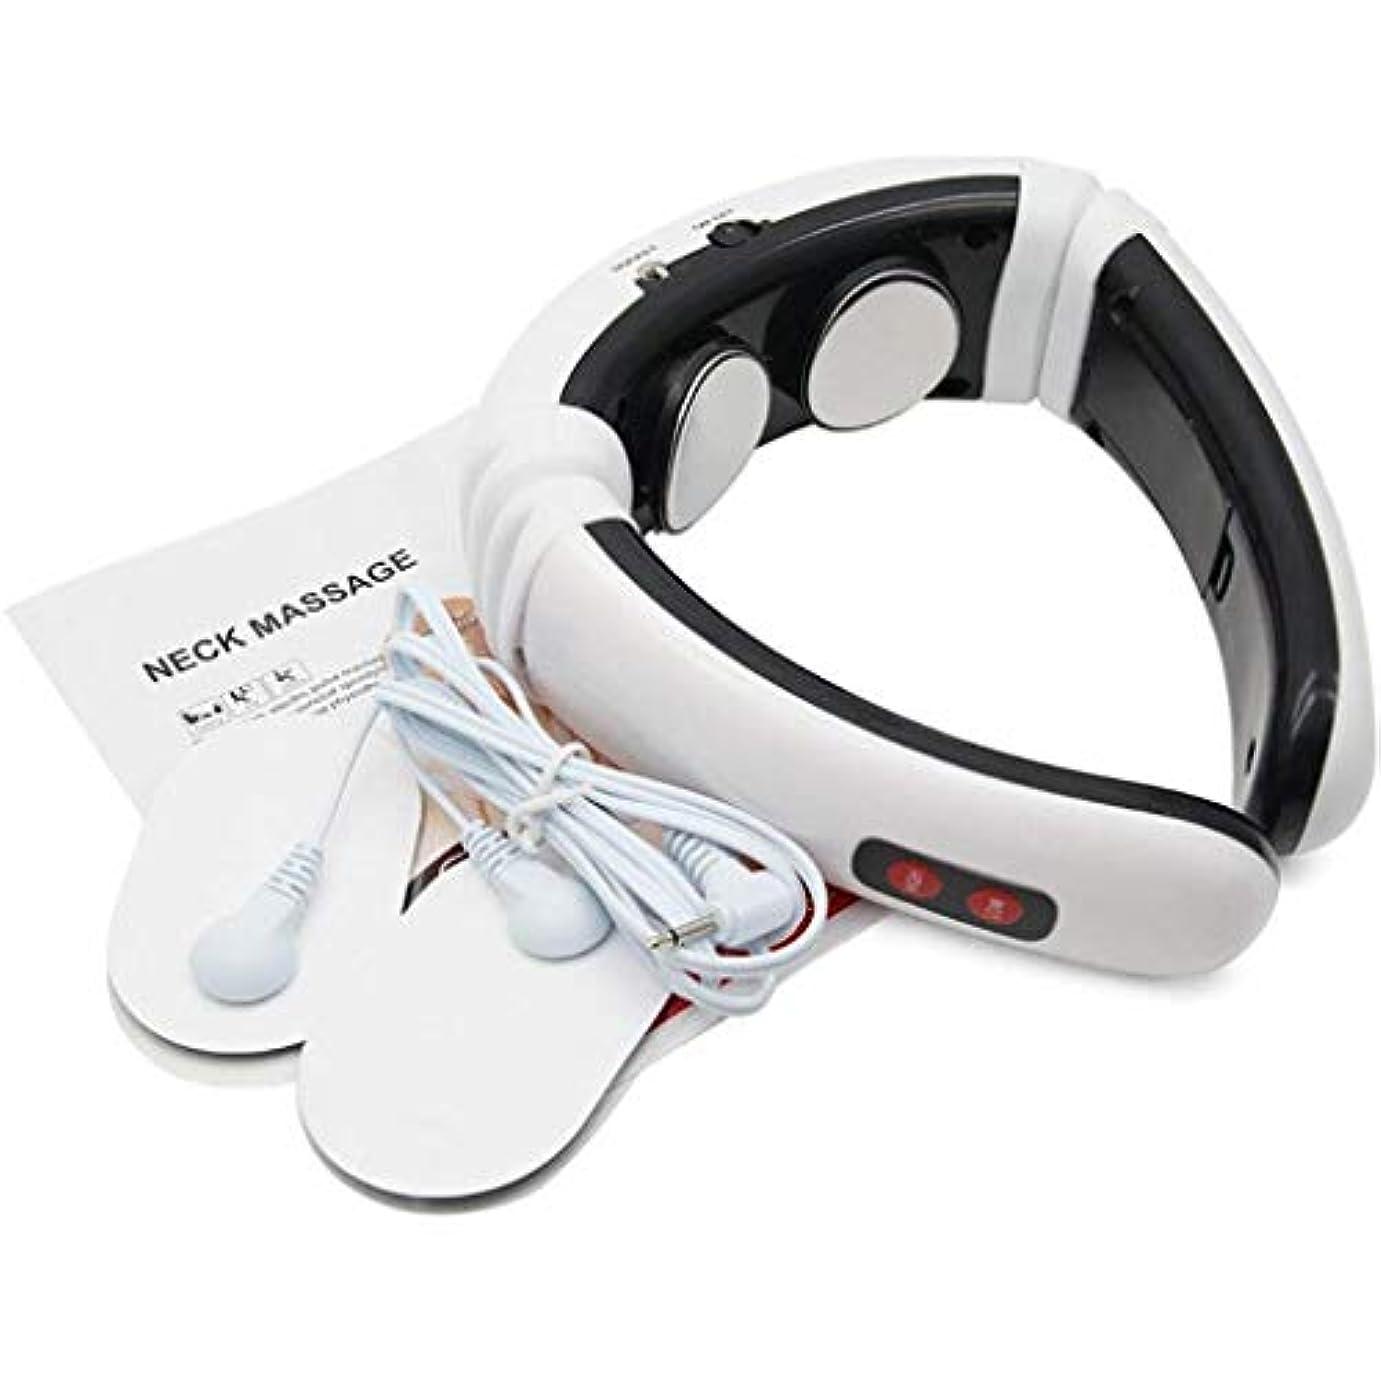 直感保険バンジョーネックマッサージャー、インテリジェント電気子宮頸マッサージ、赤外線マッサージは、痛みを和らげる、プレッシャーをリラックス